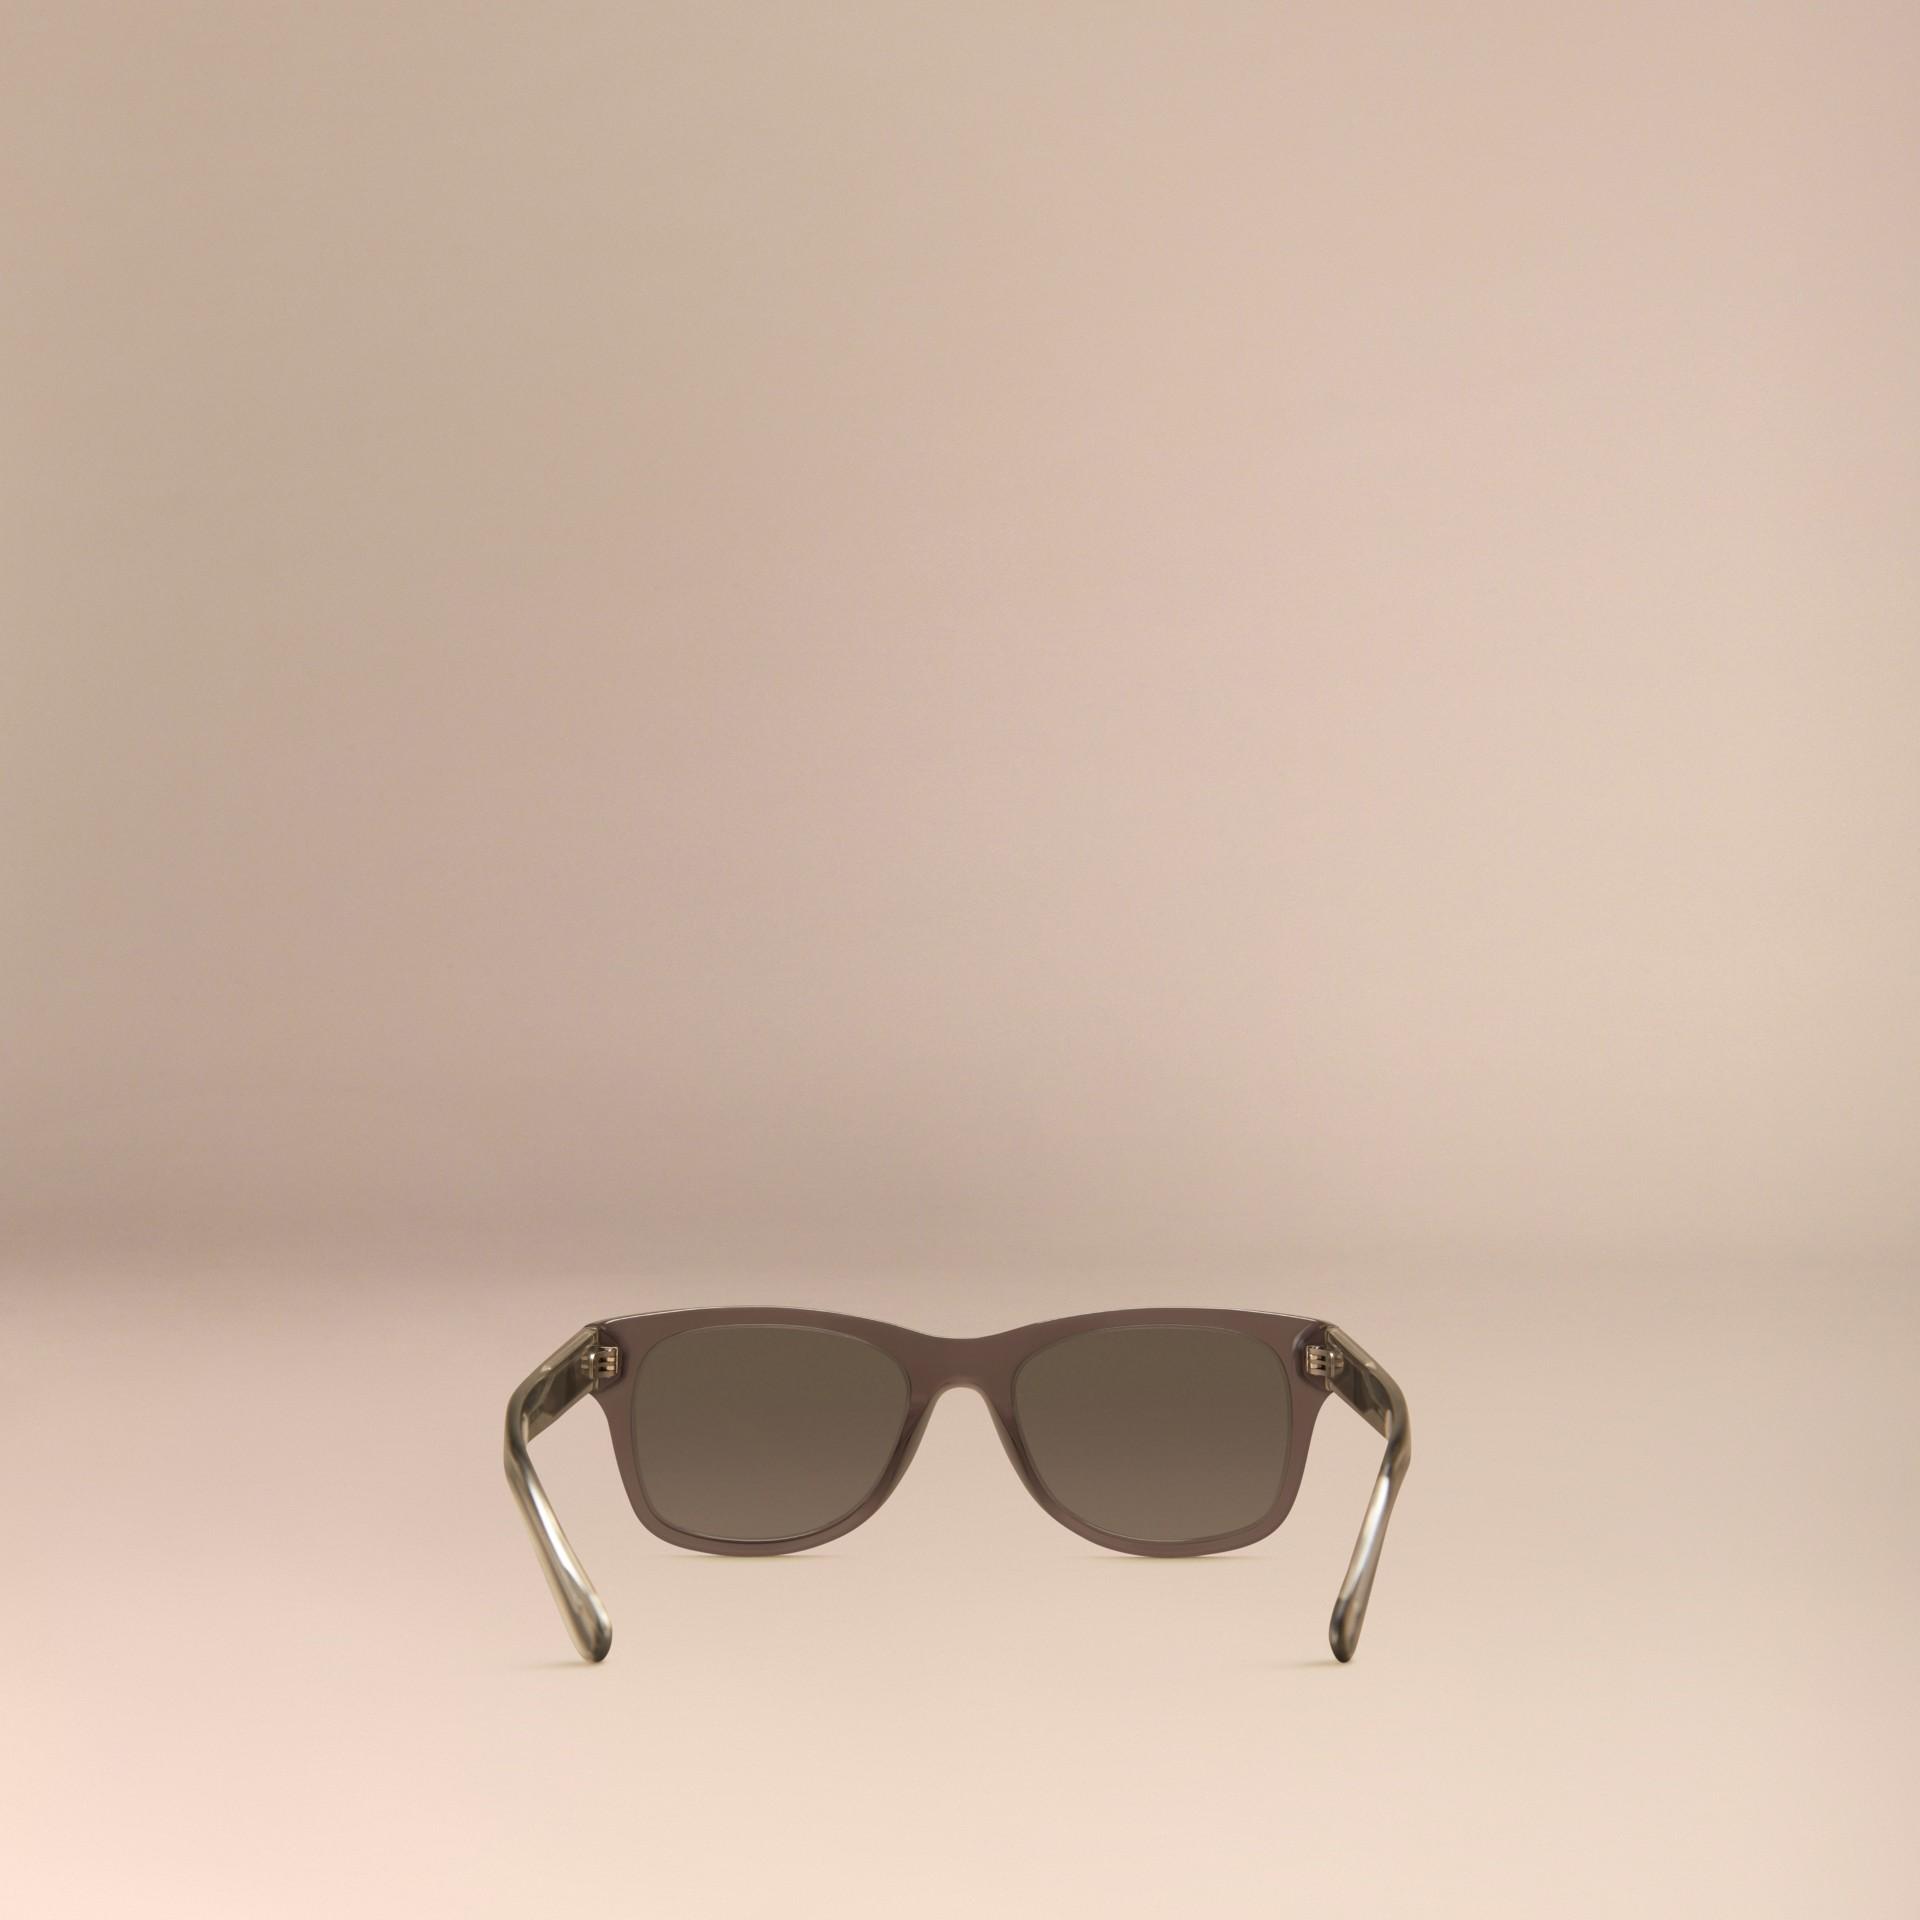 Grigio scuro Occhiali da sole con montatura quadrata e dettaglio check Grigio Scuro - immagine della galleria 4